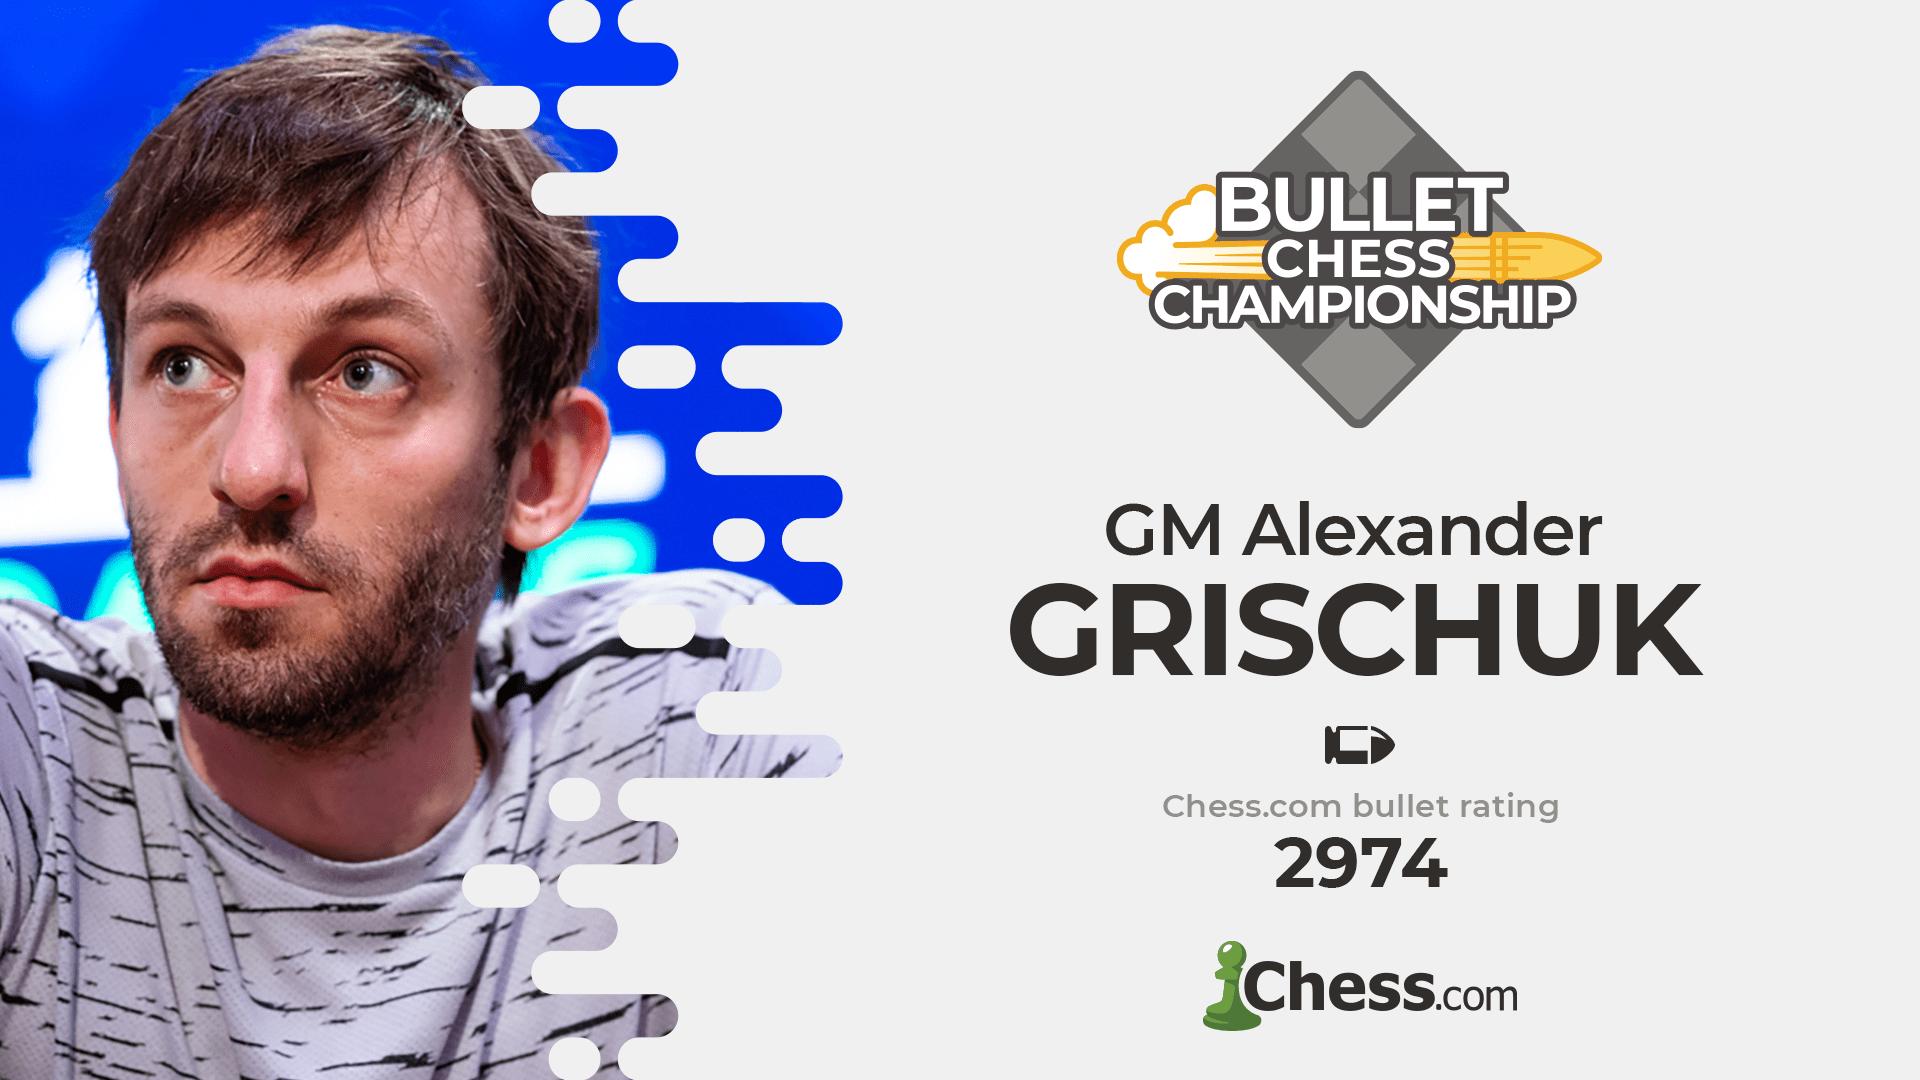 Alexander Grischuk Chess.com World Bullet Chess Championship